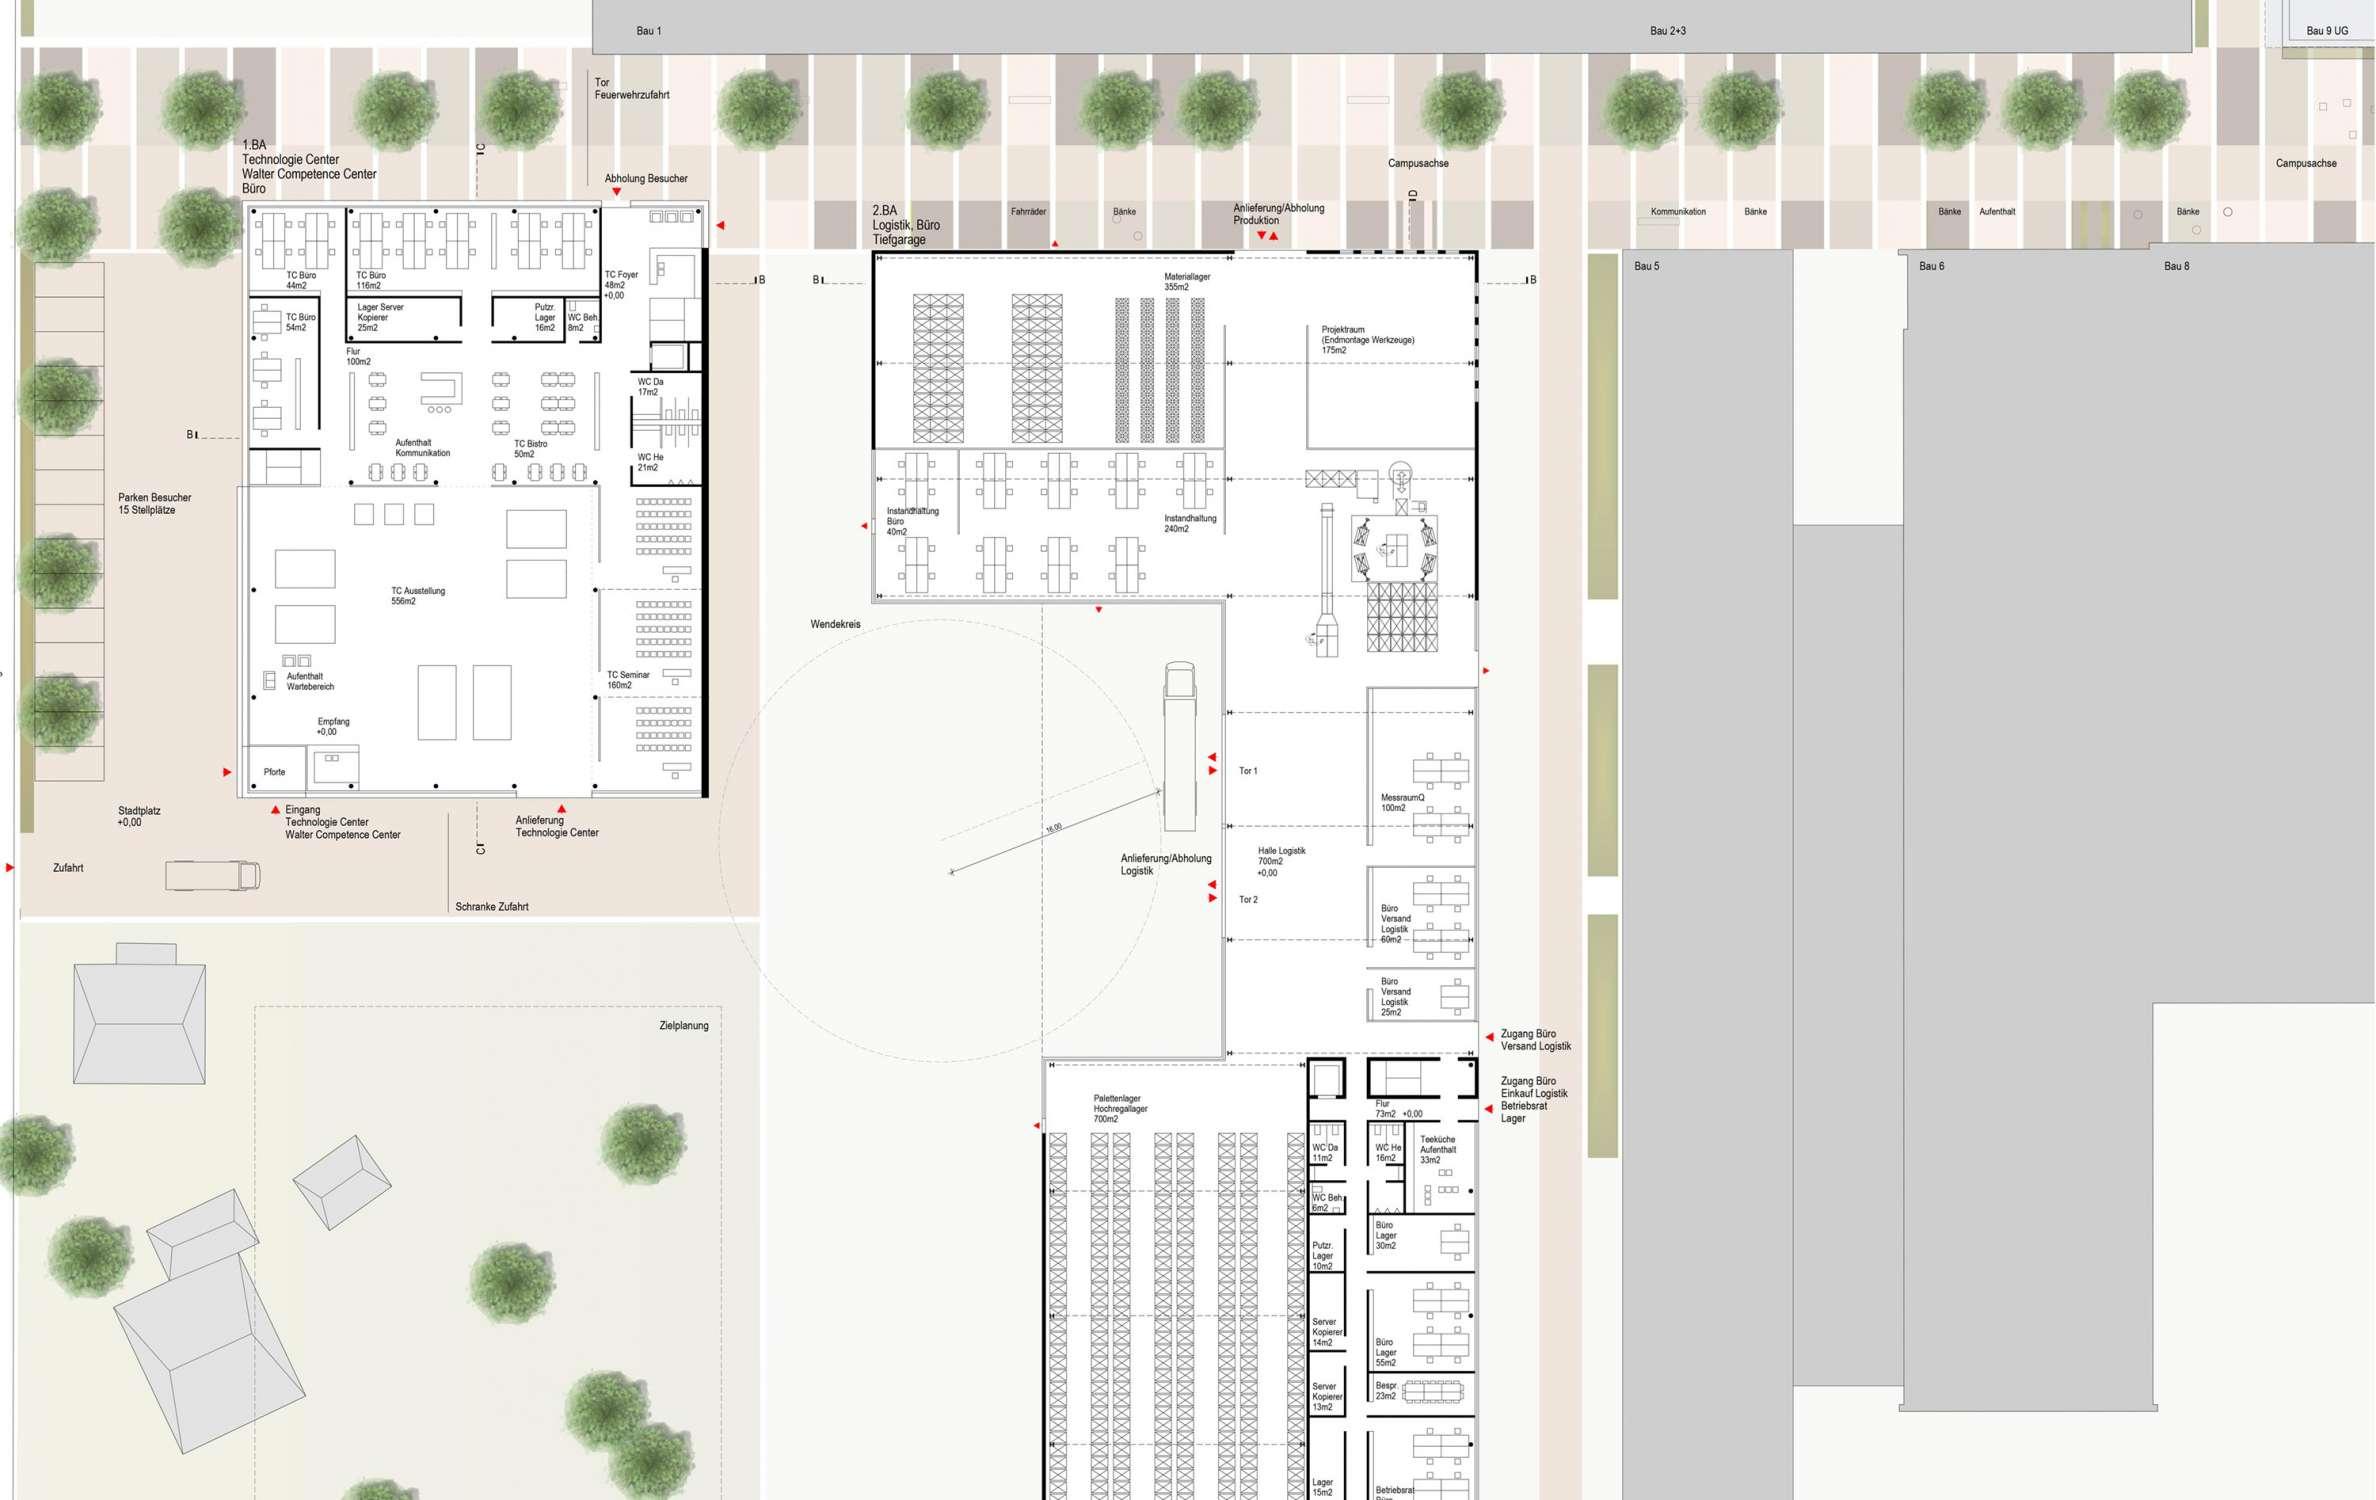 Betriebscampus mit Entwicklungszentrum und Kantine (2)